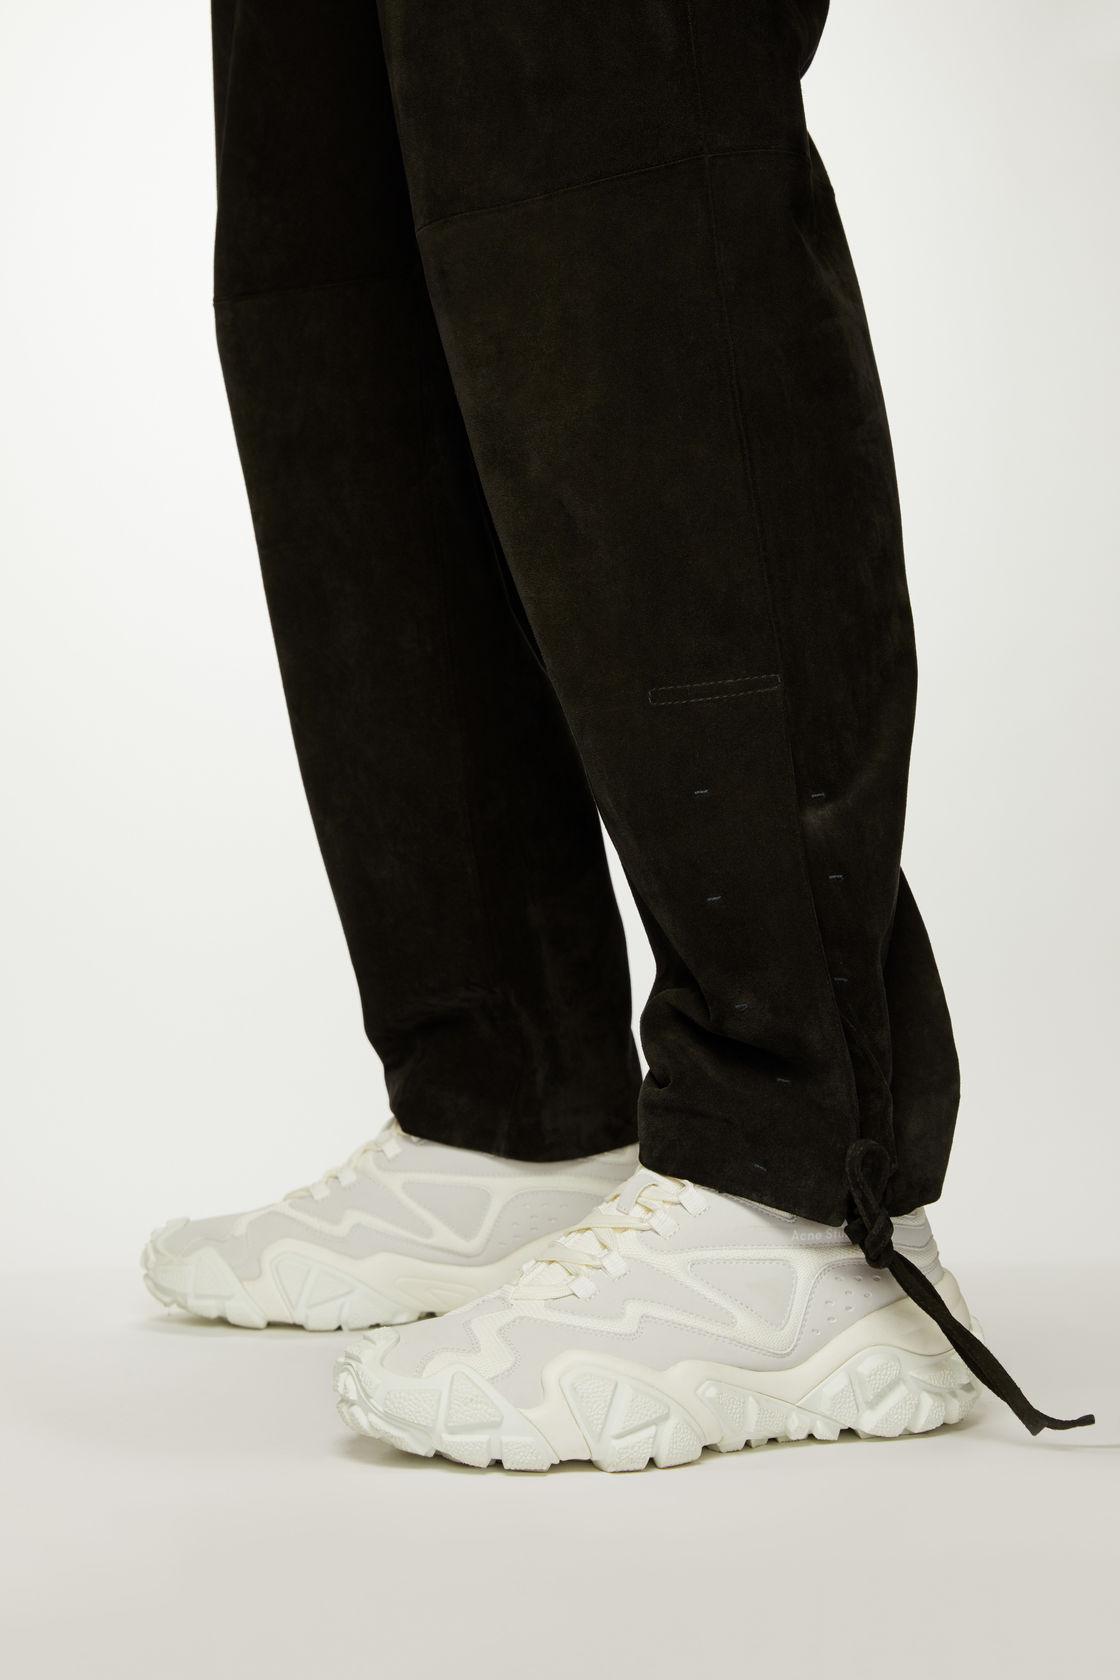 Scarpe bianche. Ma vorremmo anche altri colori di questo fantastico modello